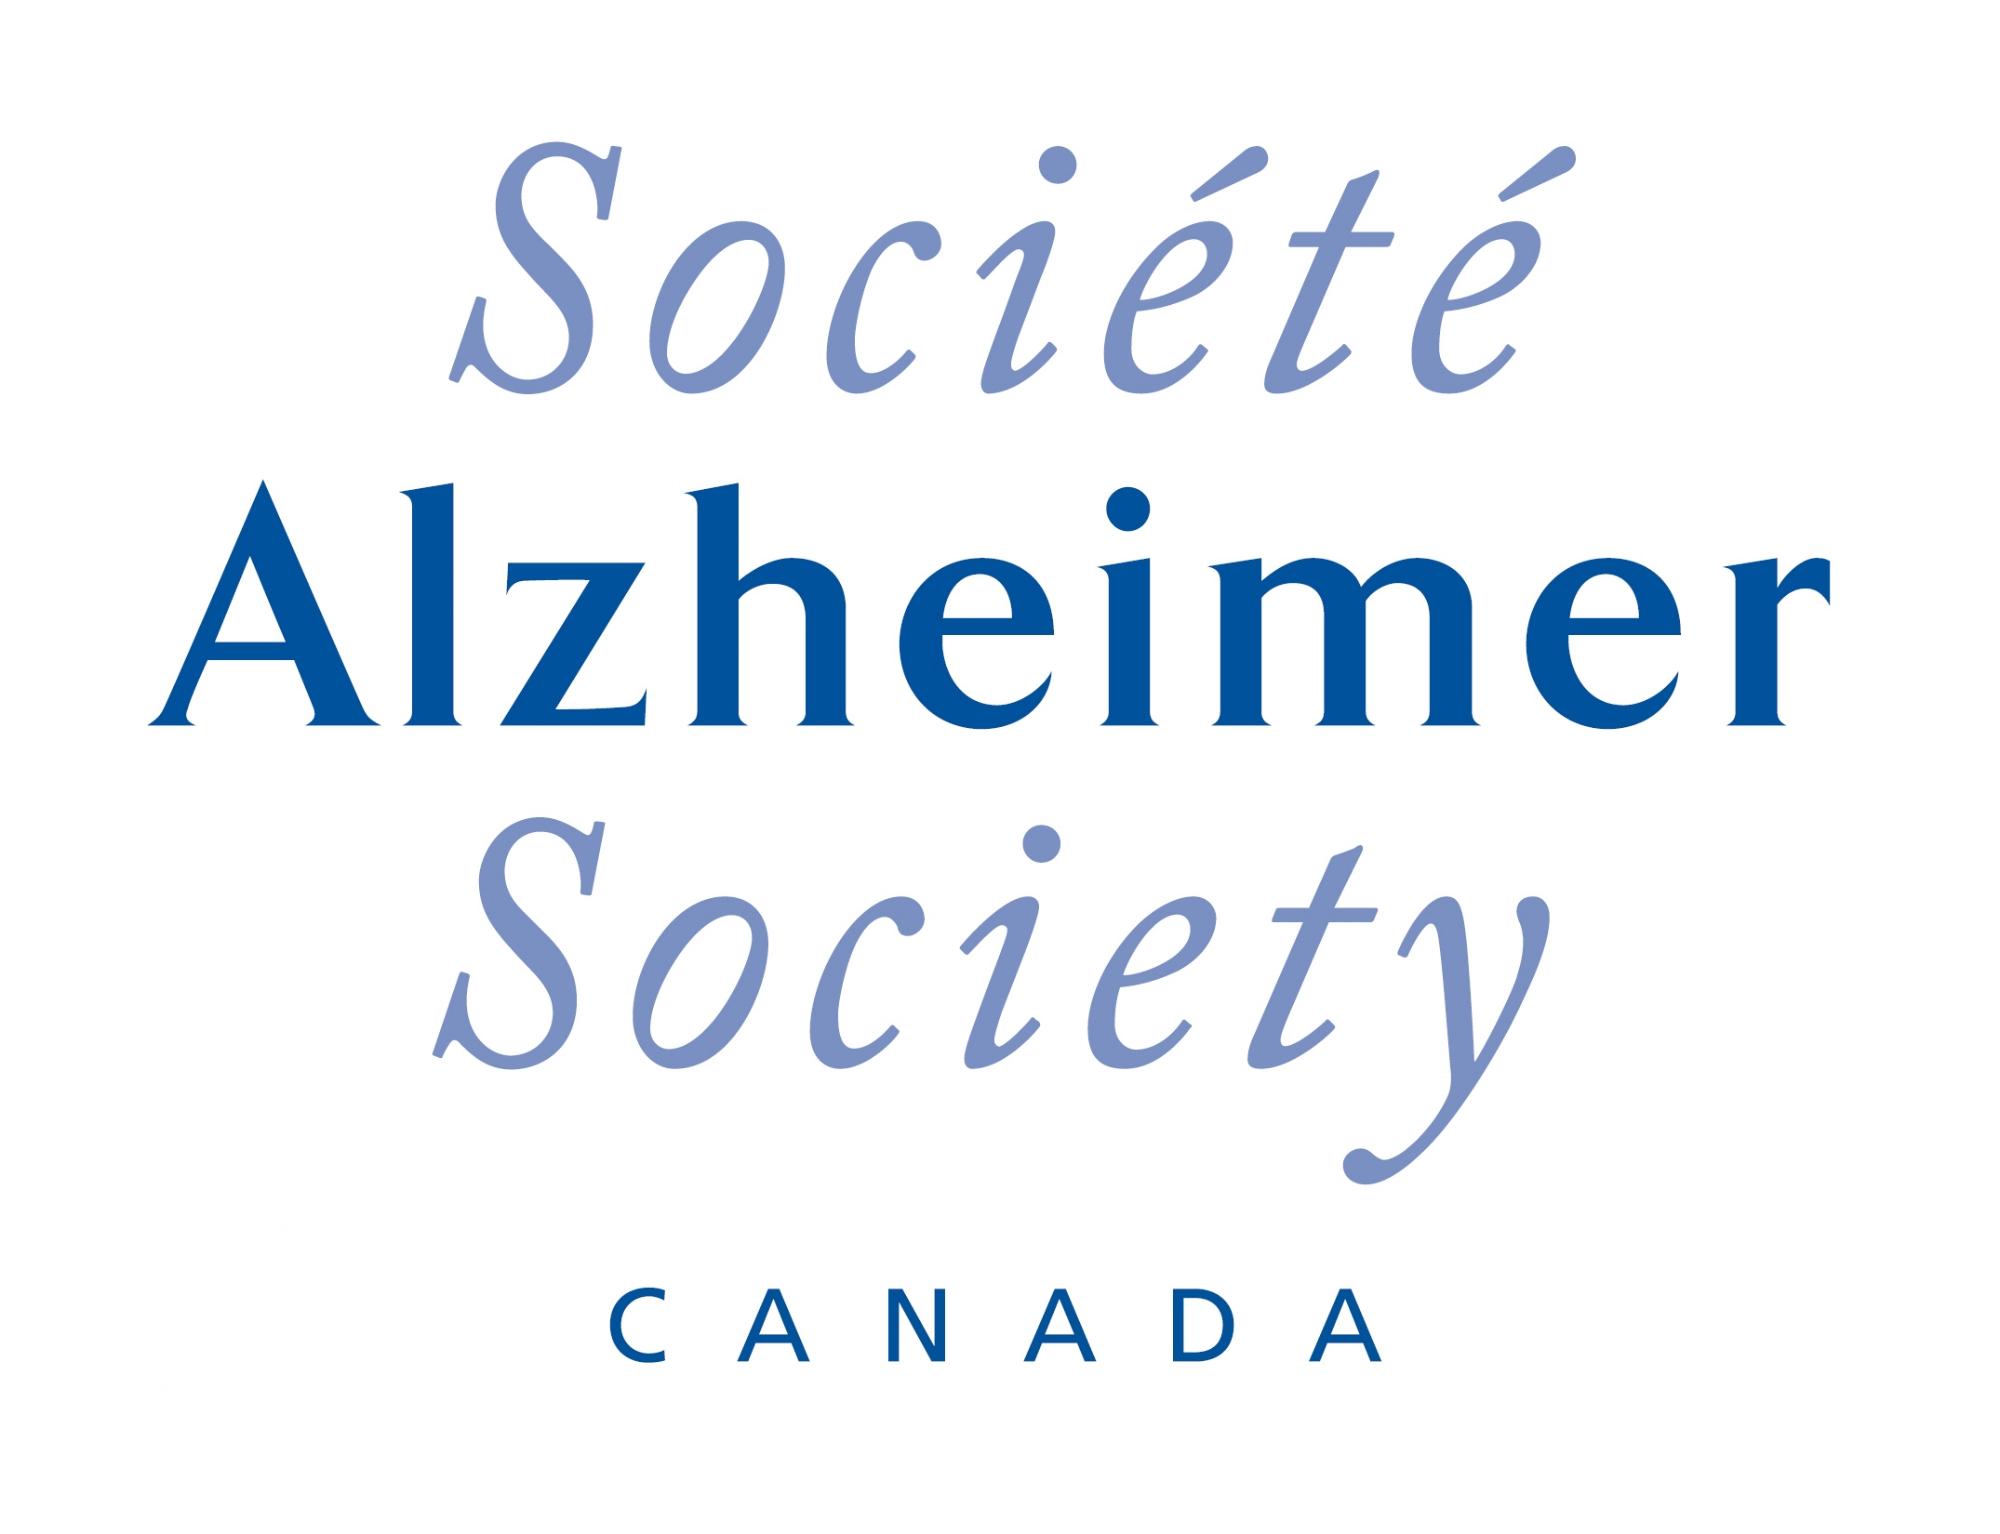 Alzheimerlogo.jpg